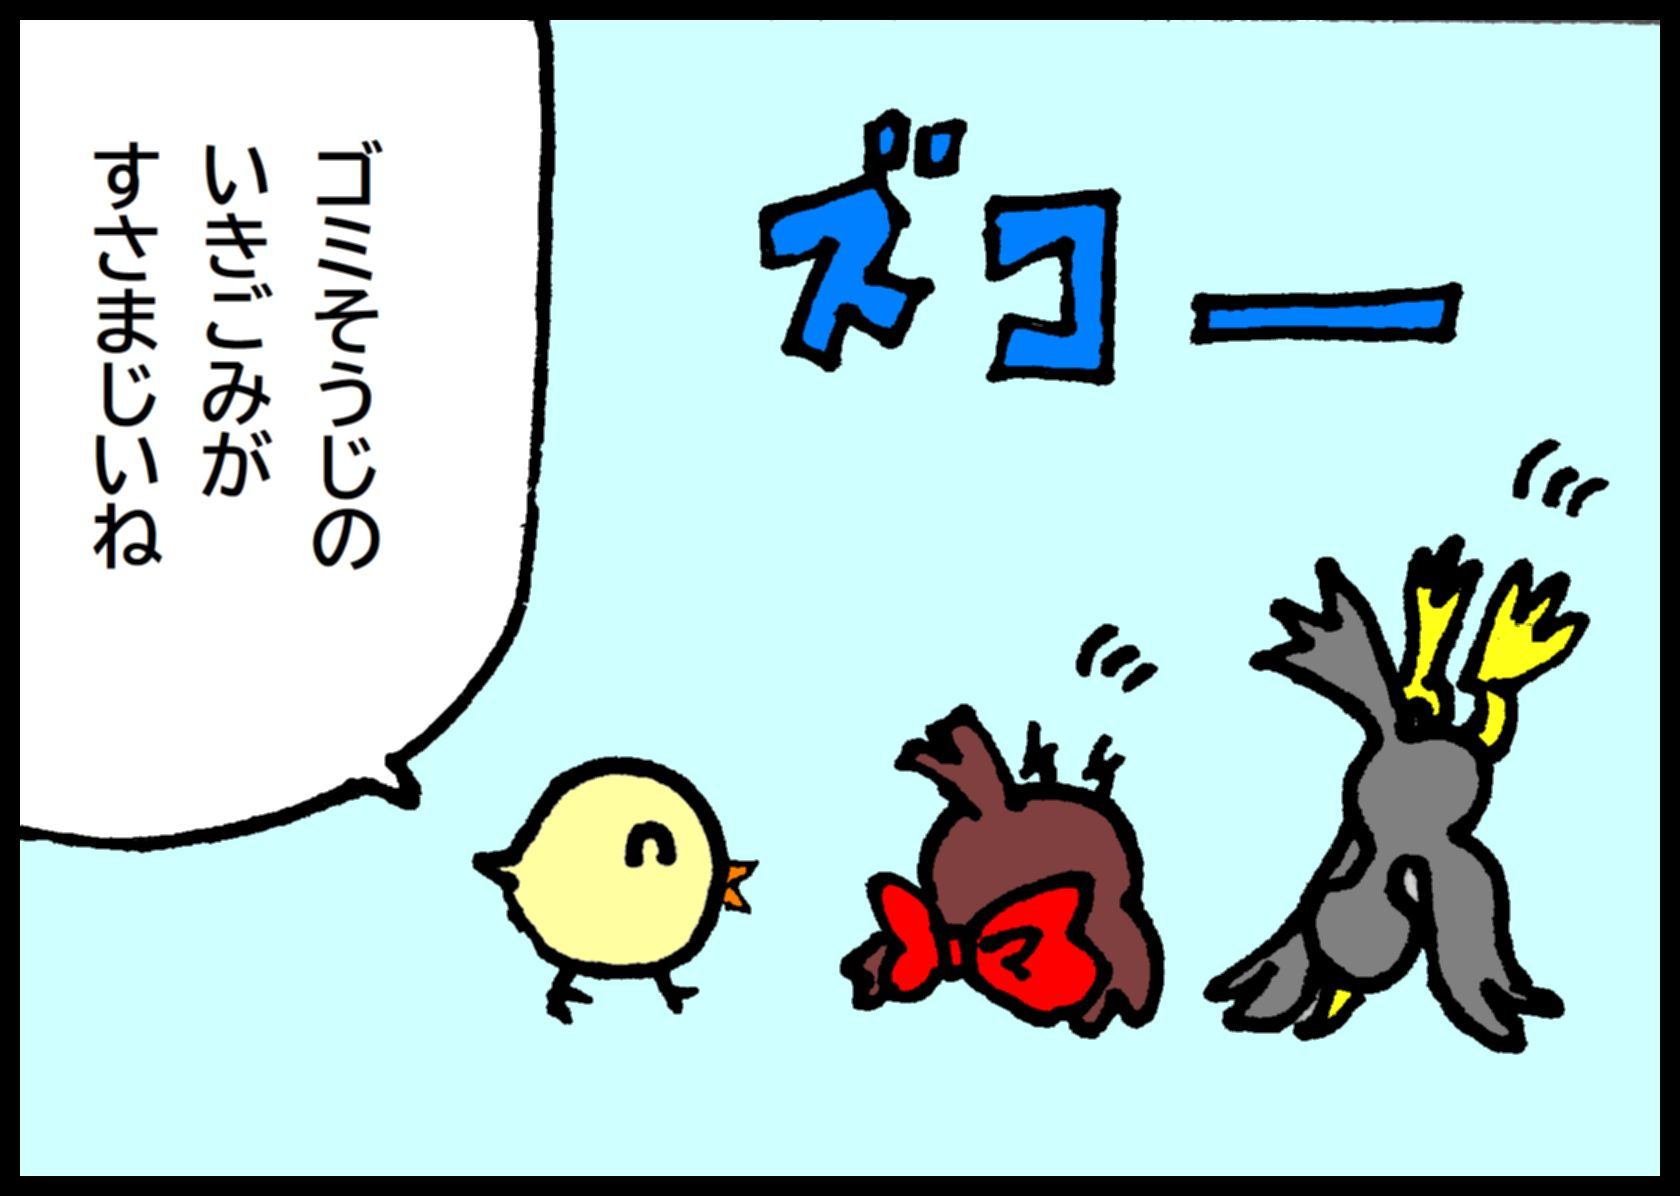 『夕やけちょこ』その36「ゴミ」(4)